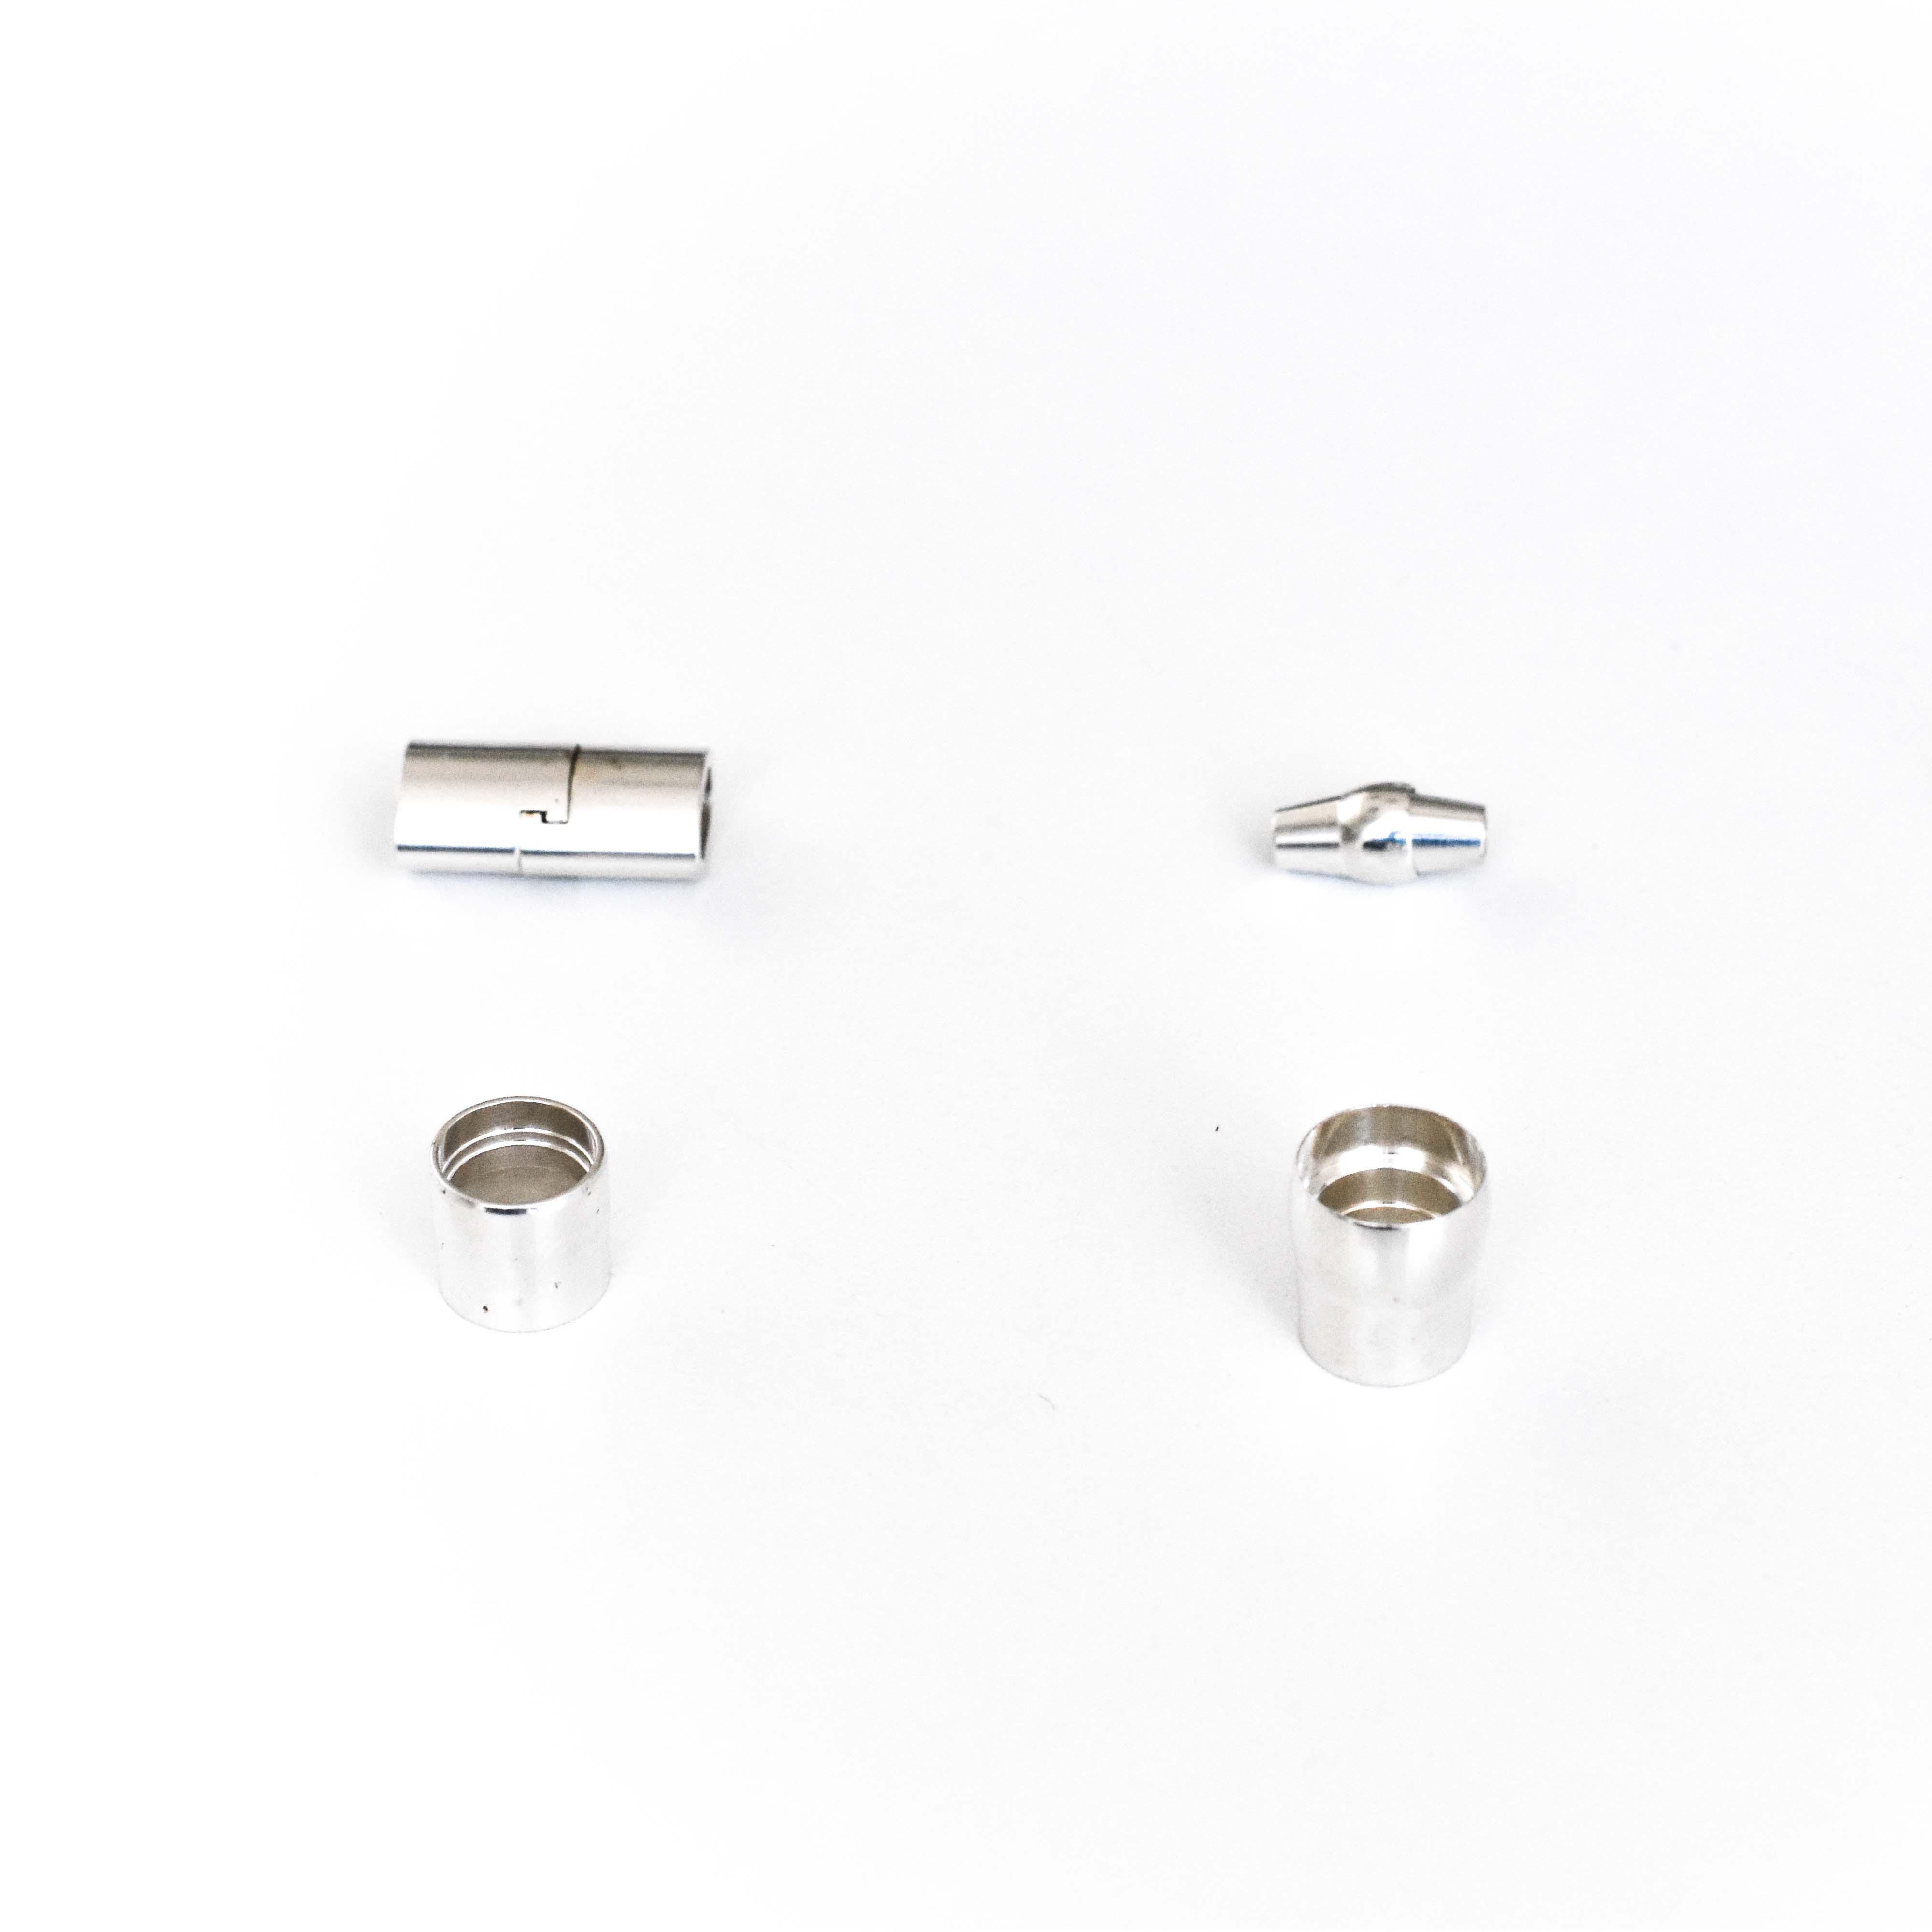 Componenti per chiusure magnetiche